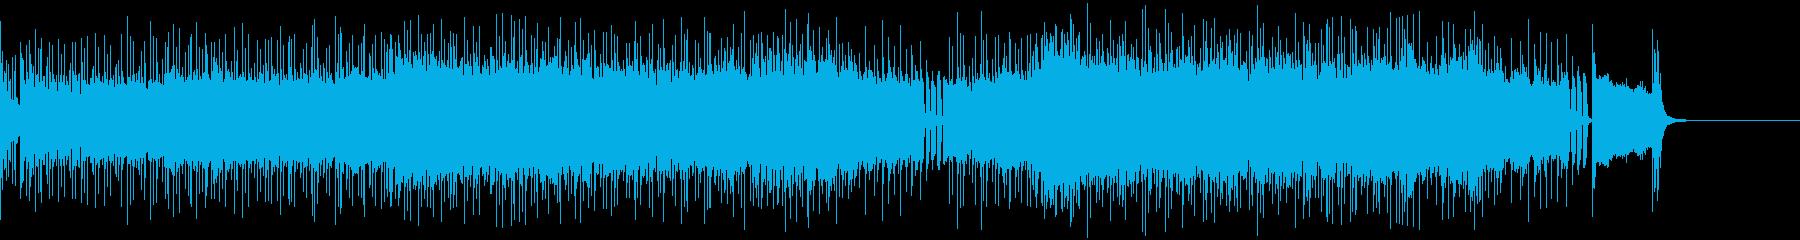 ディストーションギターリフの効いたロックの再生済みの波形